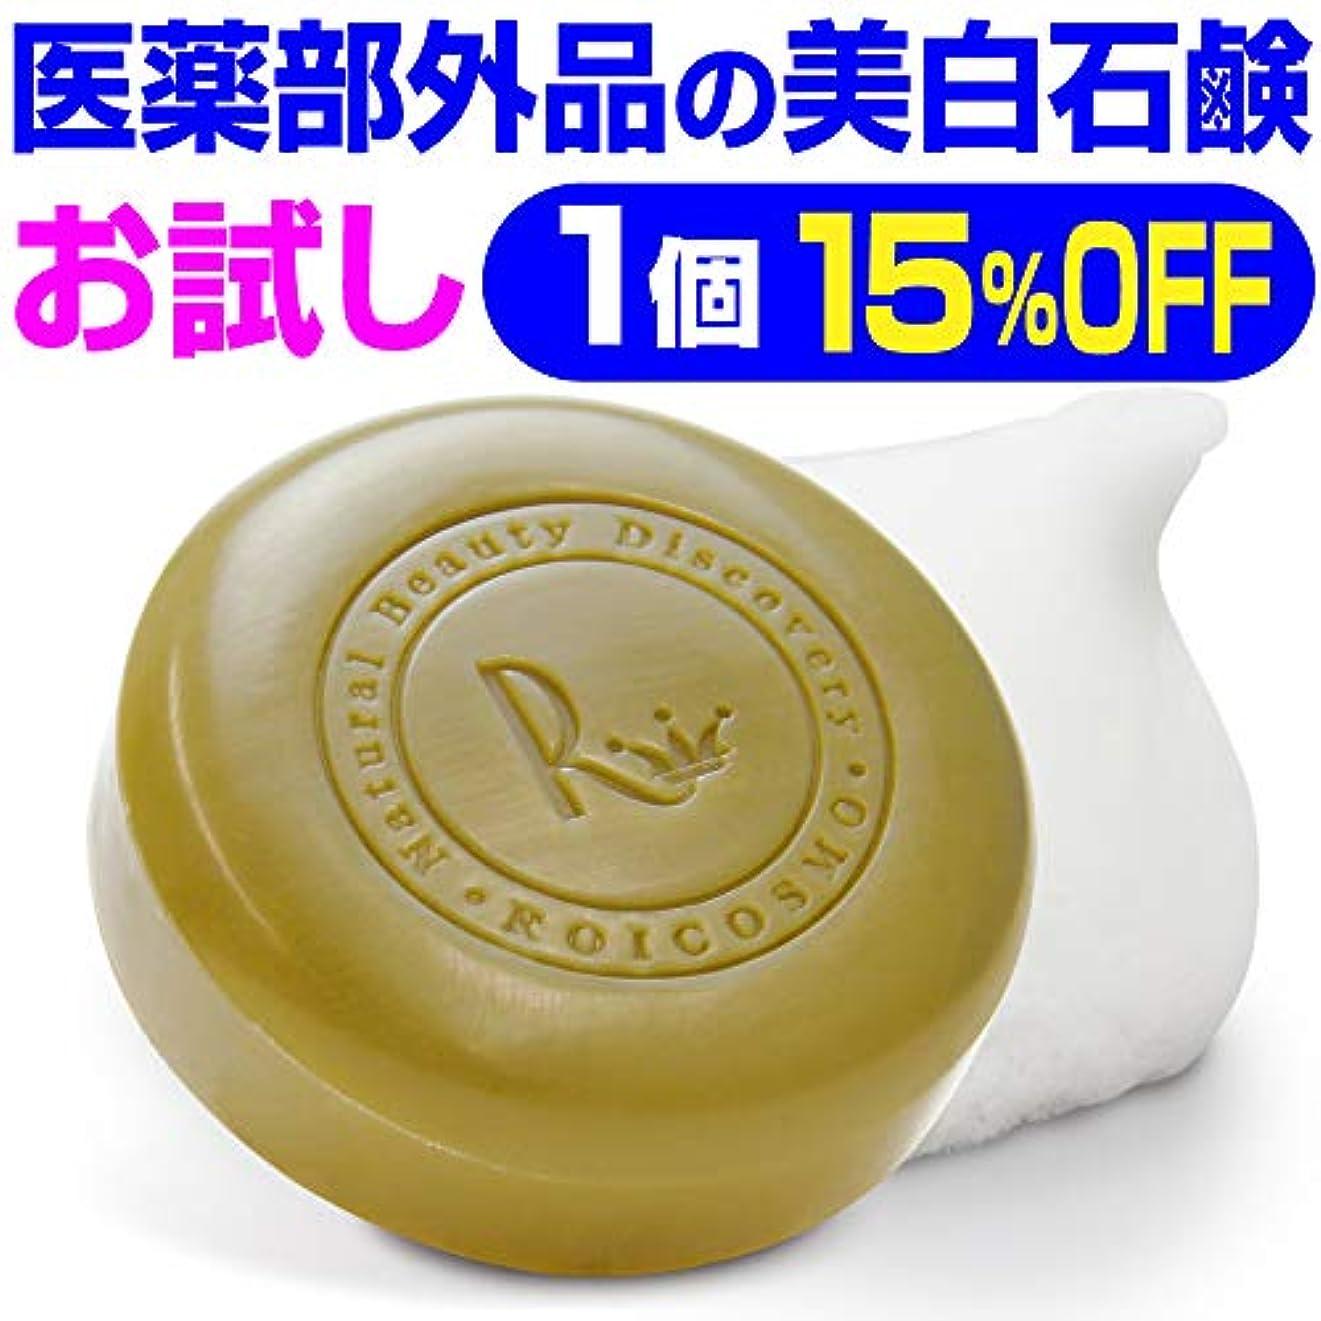 あいまいスキム匿名お試し15%OFF ビタミンC270倍の美白成分配合の 洗顔石鹸 固形『ホワイトソープ100g×1個』(初回限定)